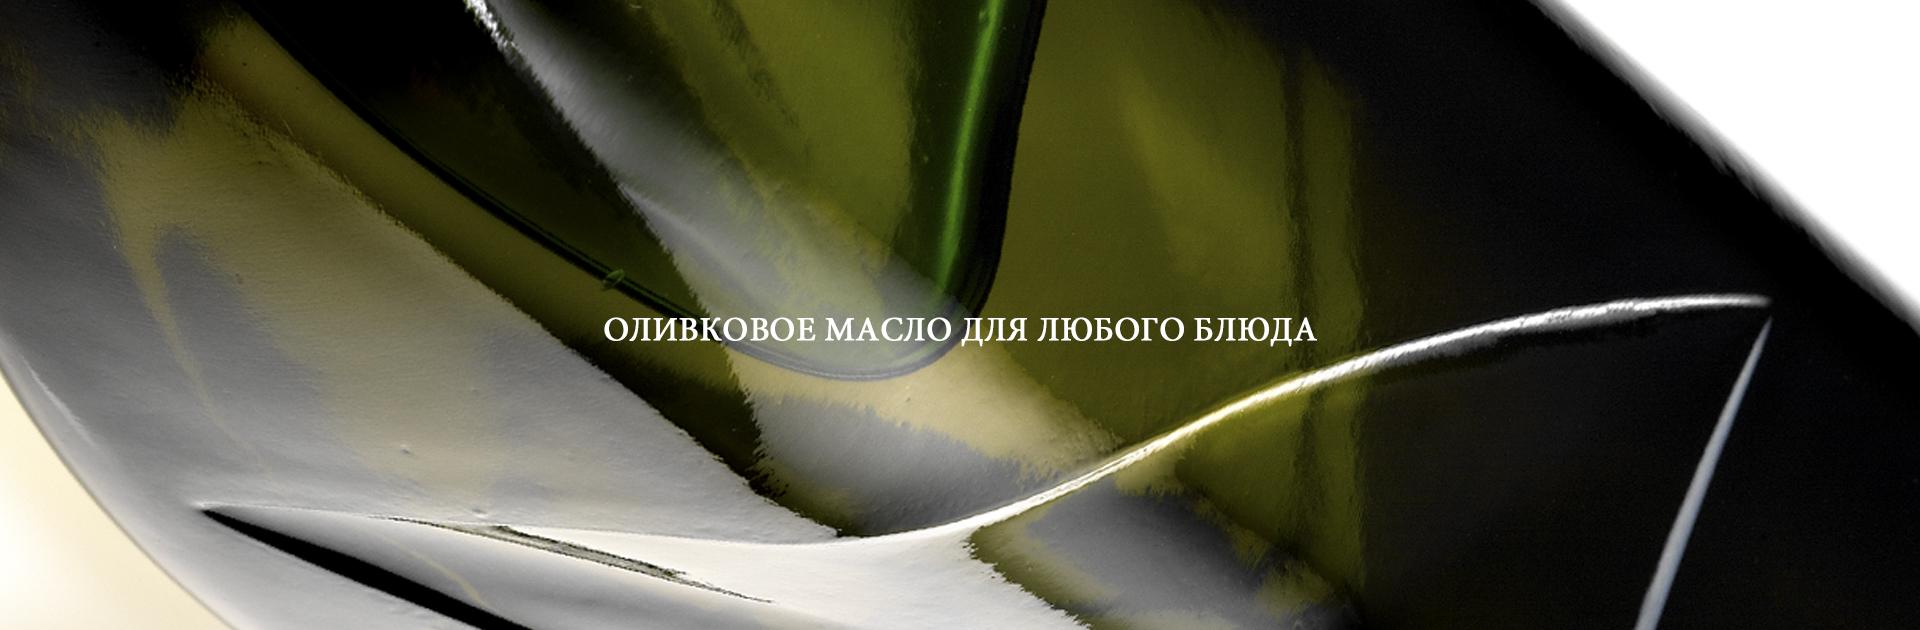 banner-inicio-ruso